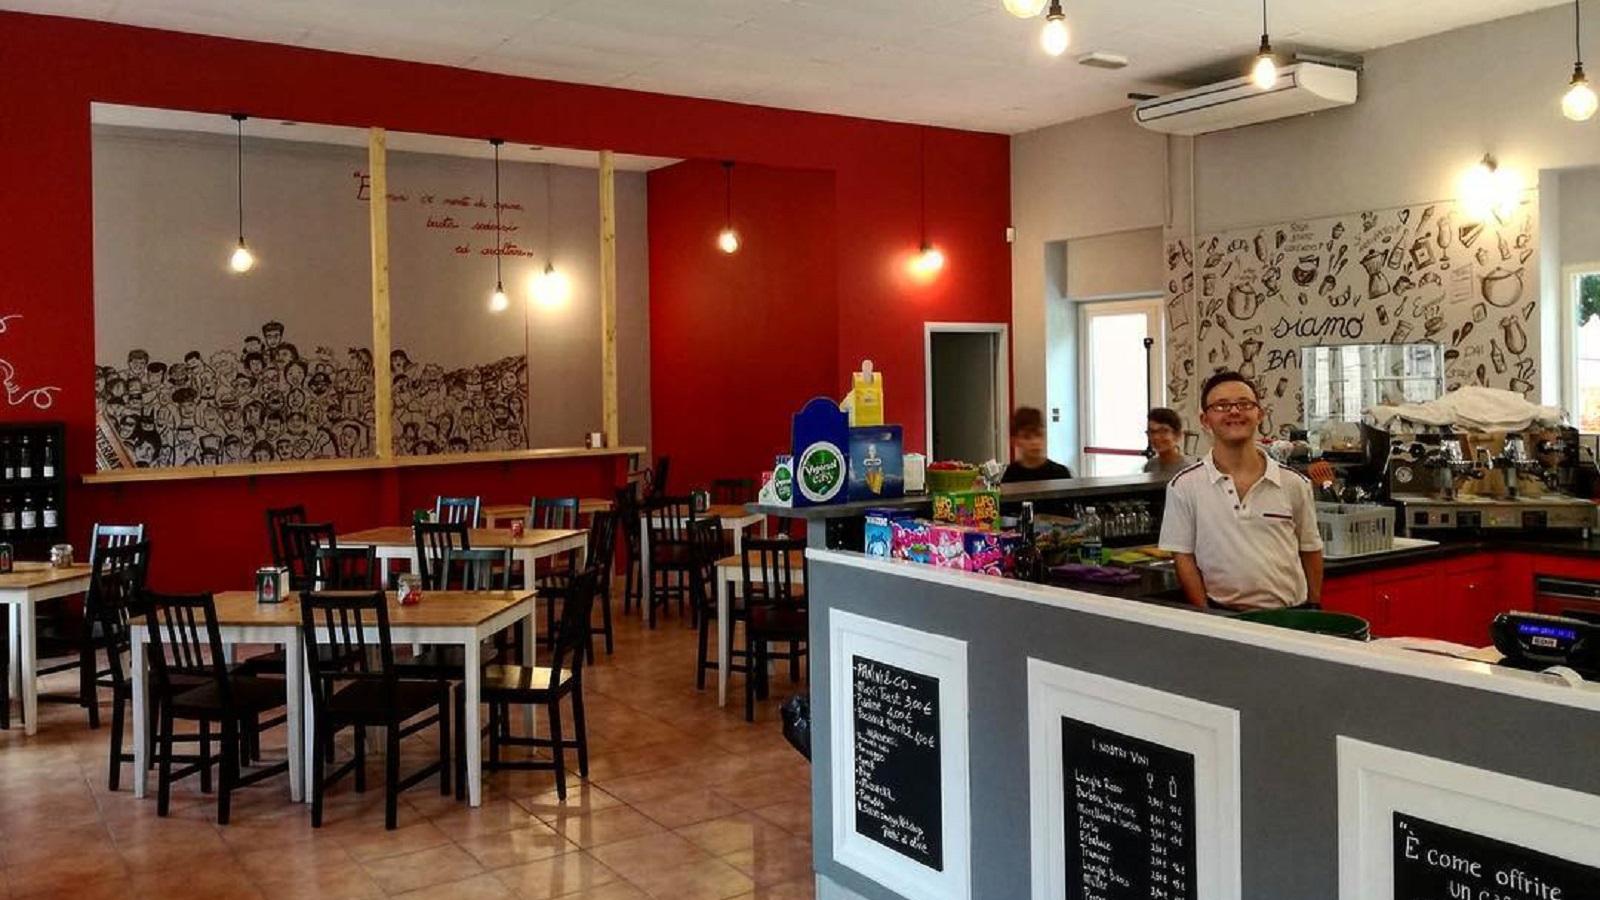 Al Baretto Torino, interno del locale: prospettiva della sala con i tavoli e il bancone del bar con il barista sorridente